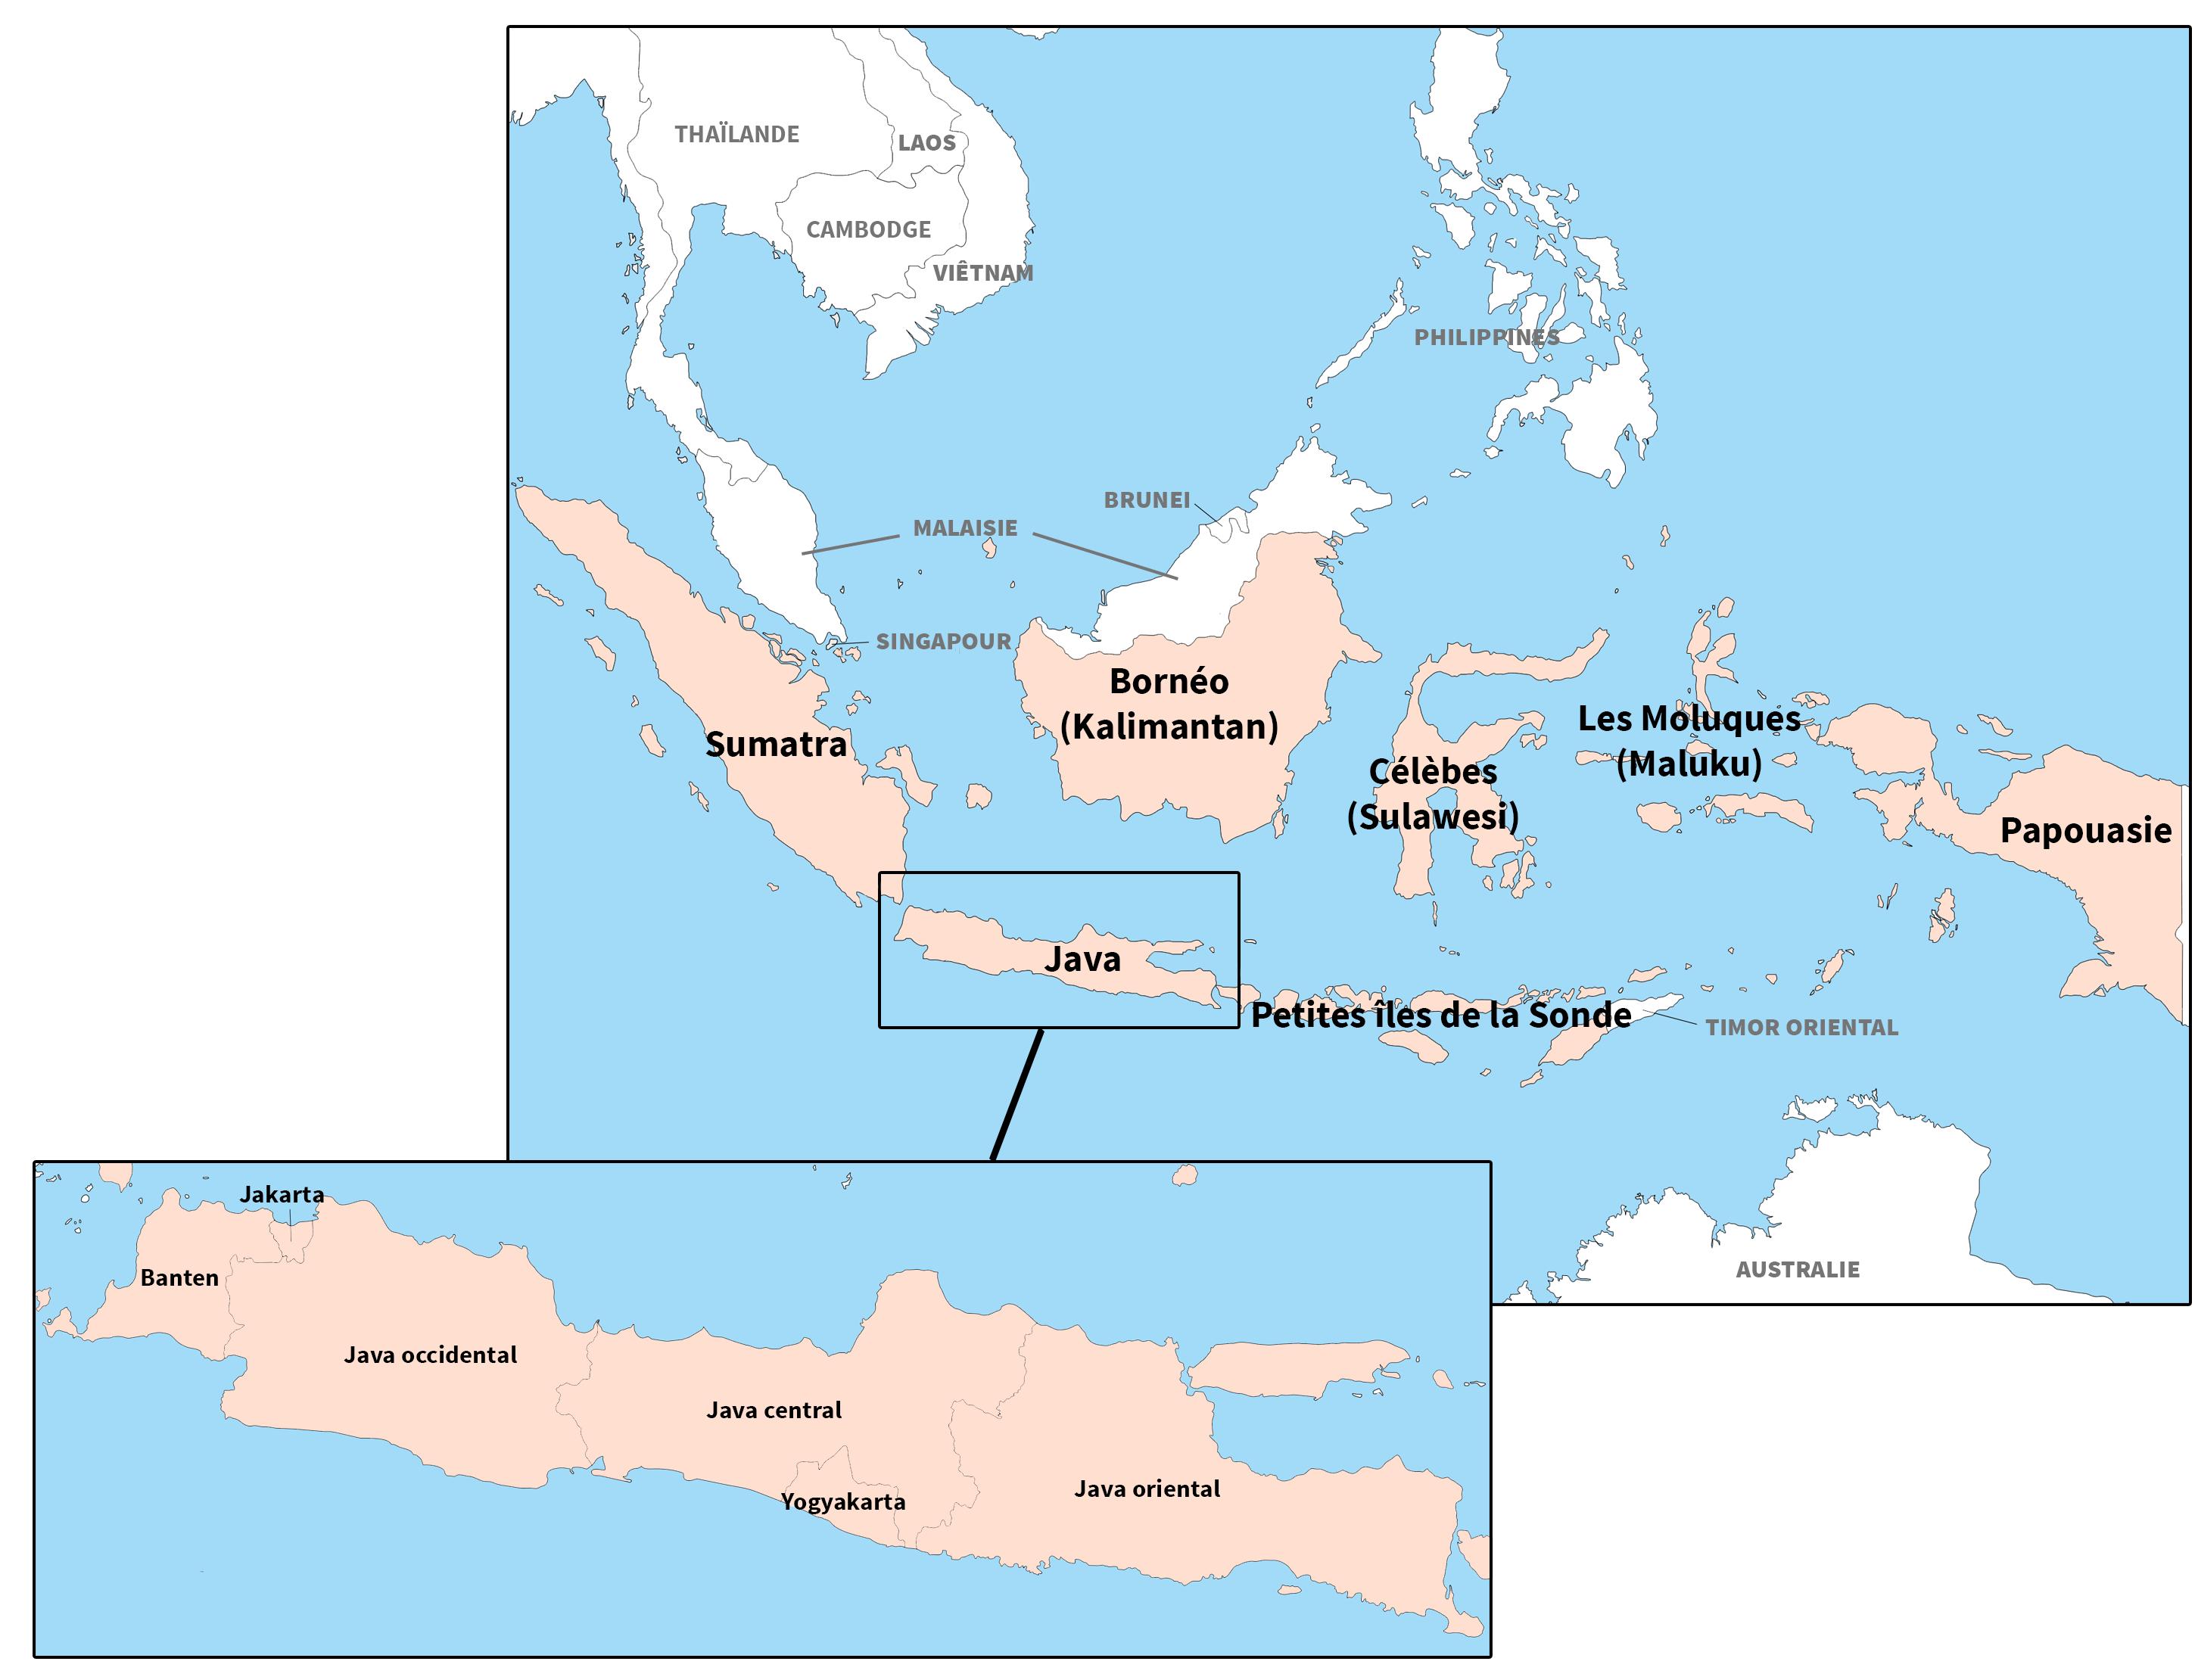 Archipel indonésien. Cartes issues du site d-maps.com